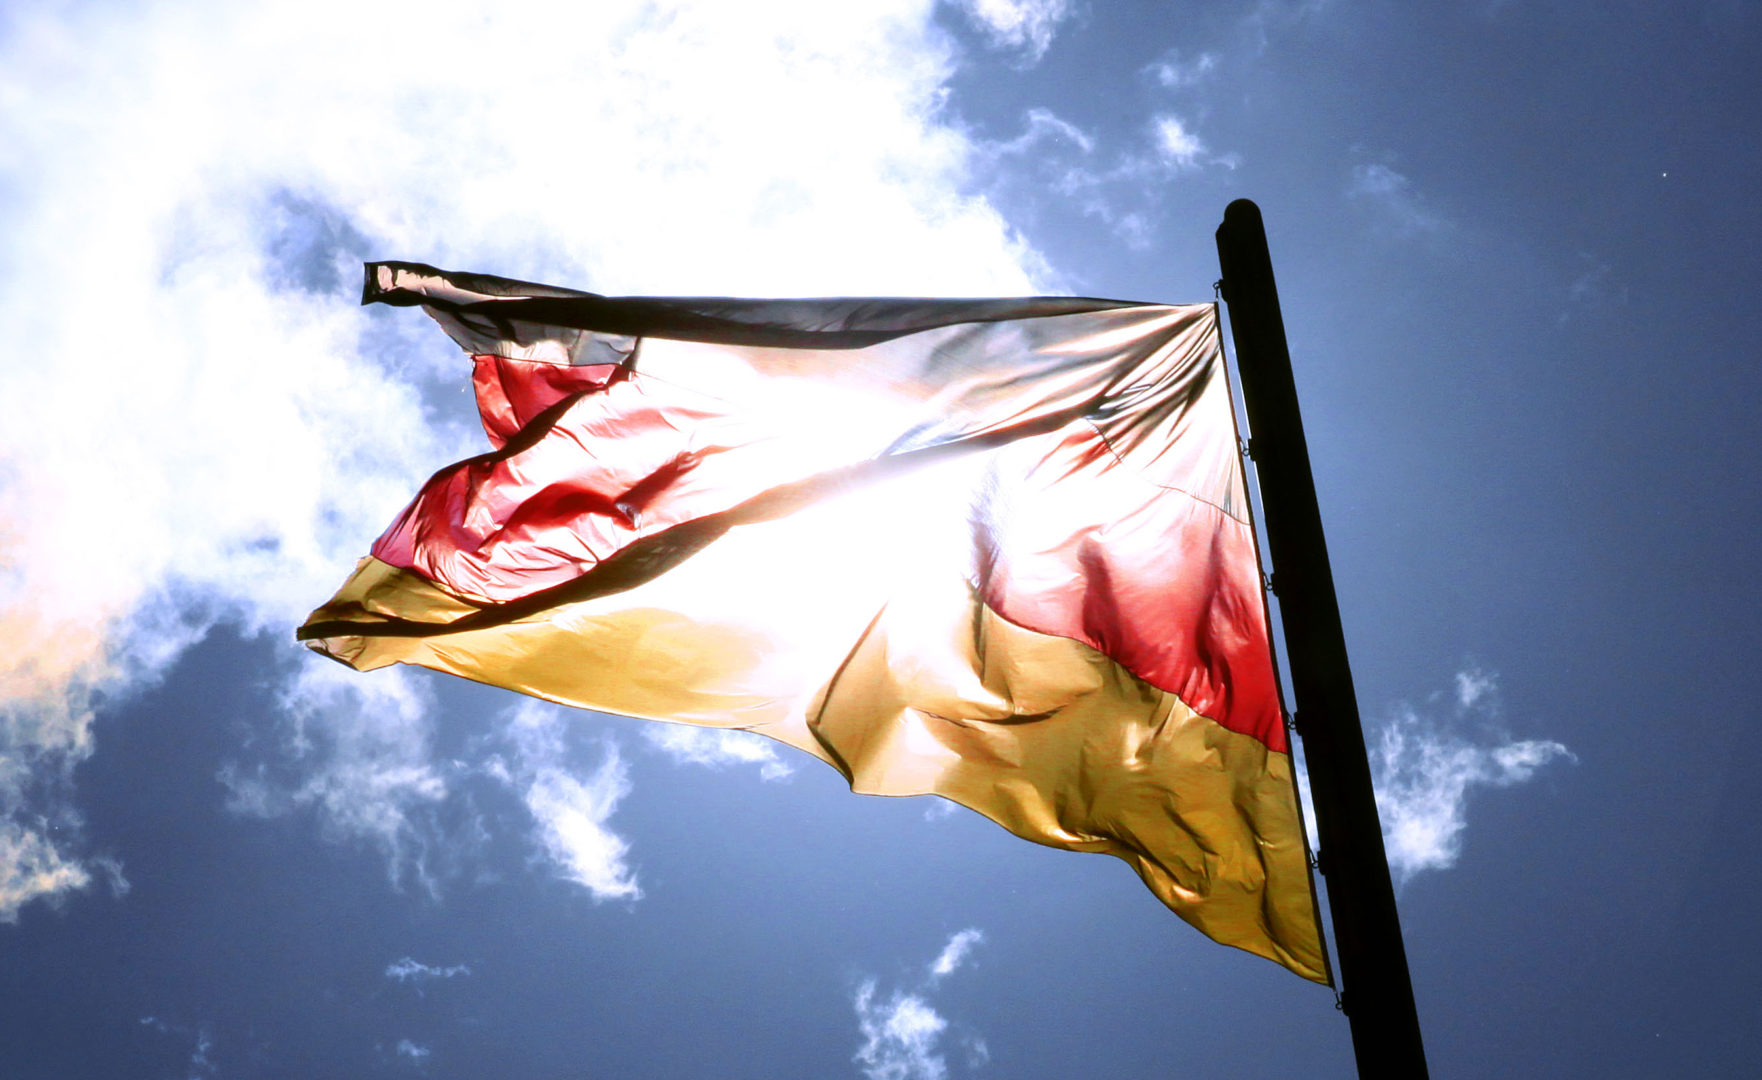 Das Bild zeigt die Flagge der Bundesrepublik Deutschland